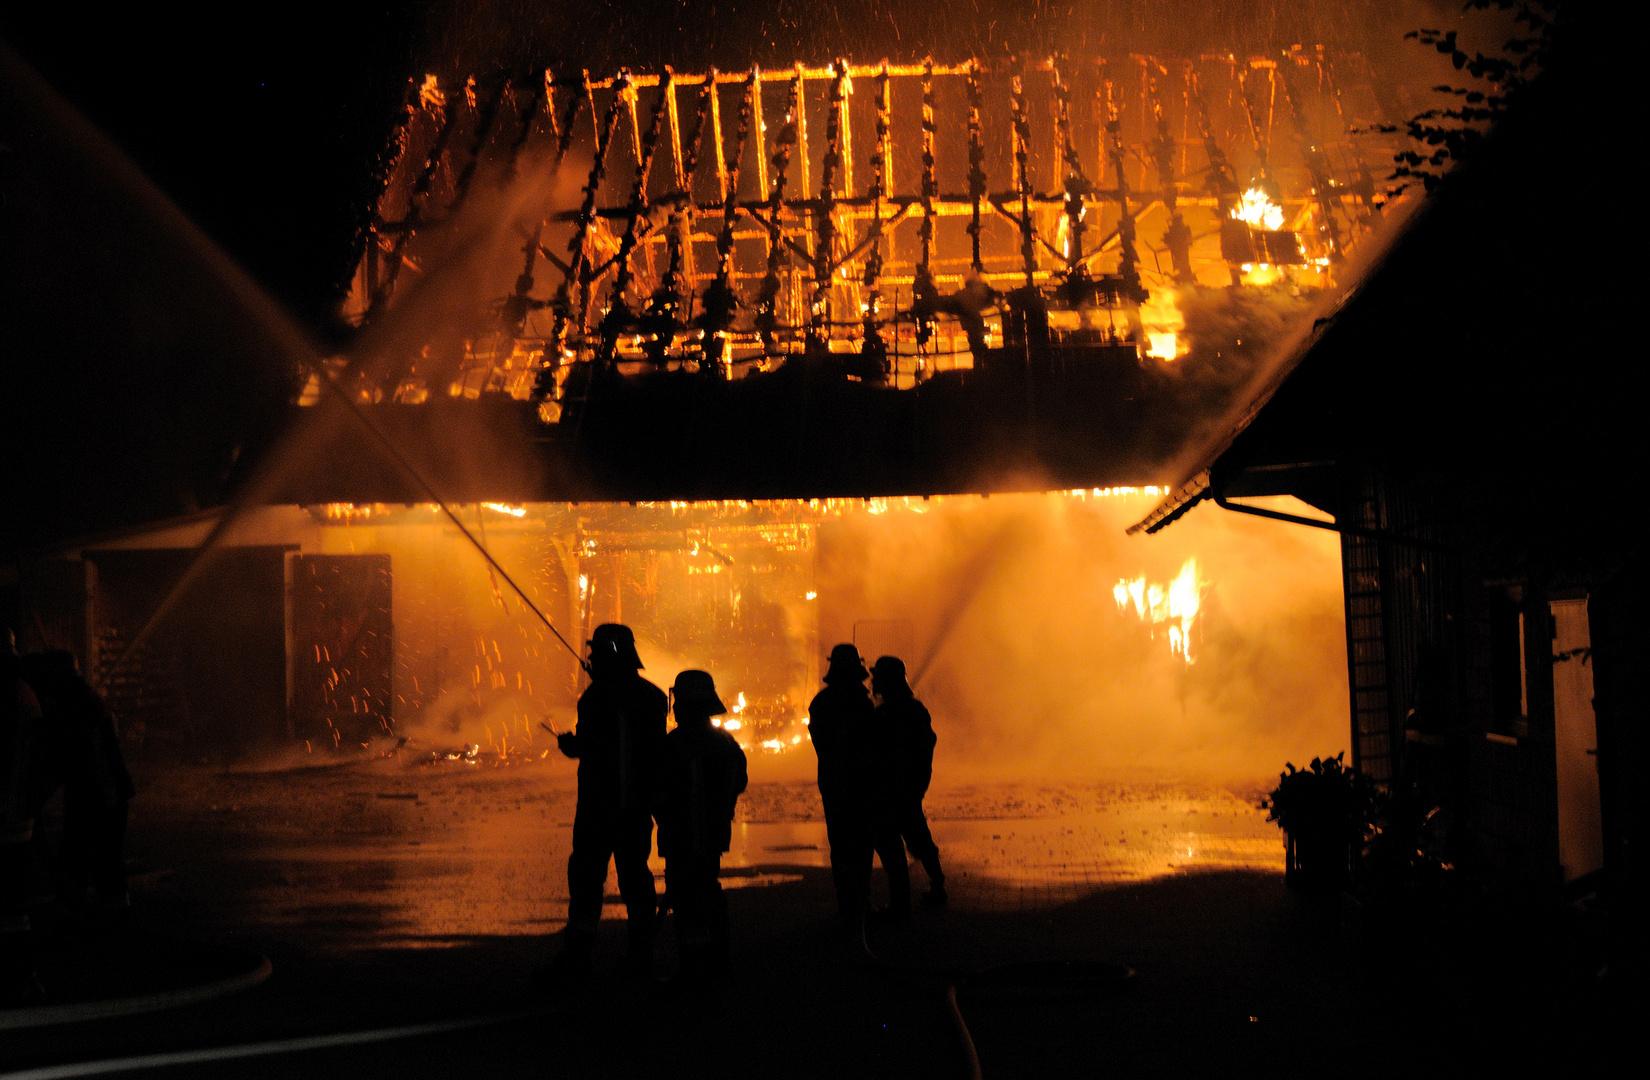 Einsatz Scheunenbrand 2 07.07.2012